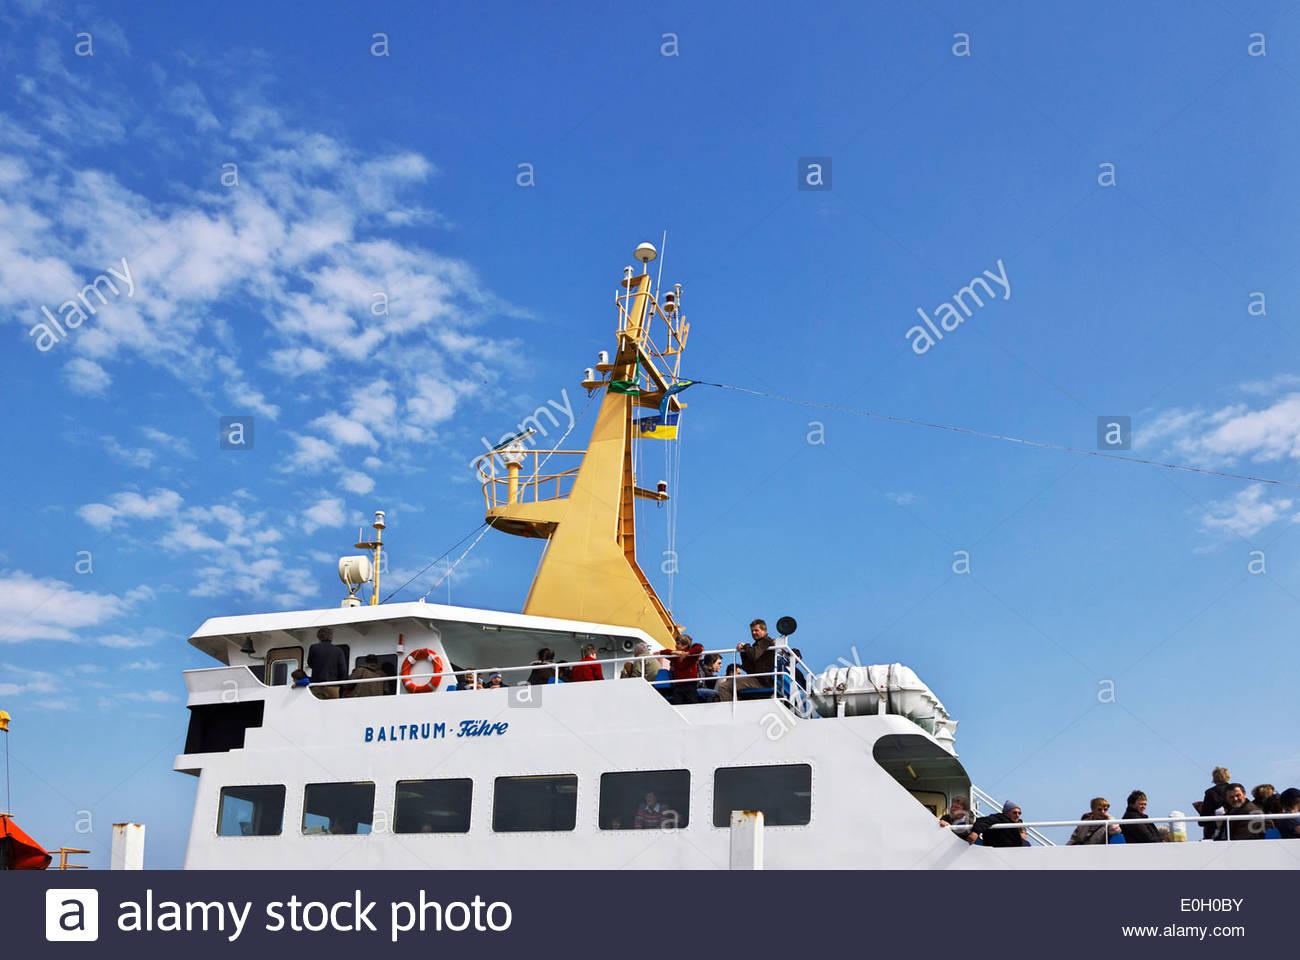 Passagiere für Insel Baltrum, einer der ostfriesischen Inseln an der Nordseeküste Deutschlands gebunden Stockbild